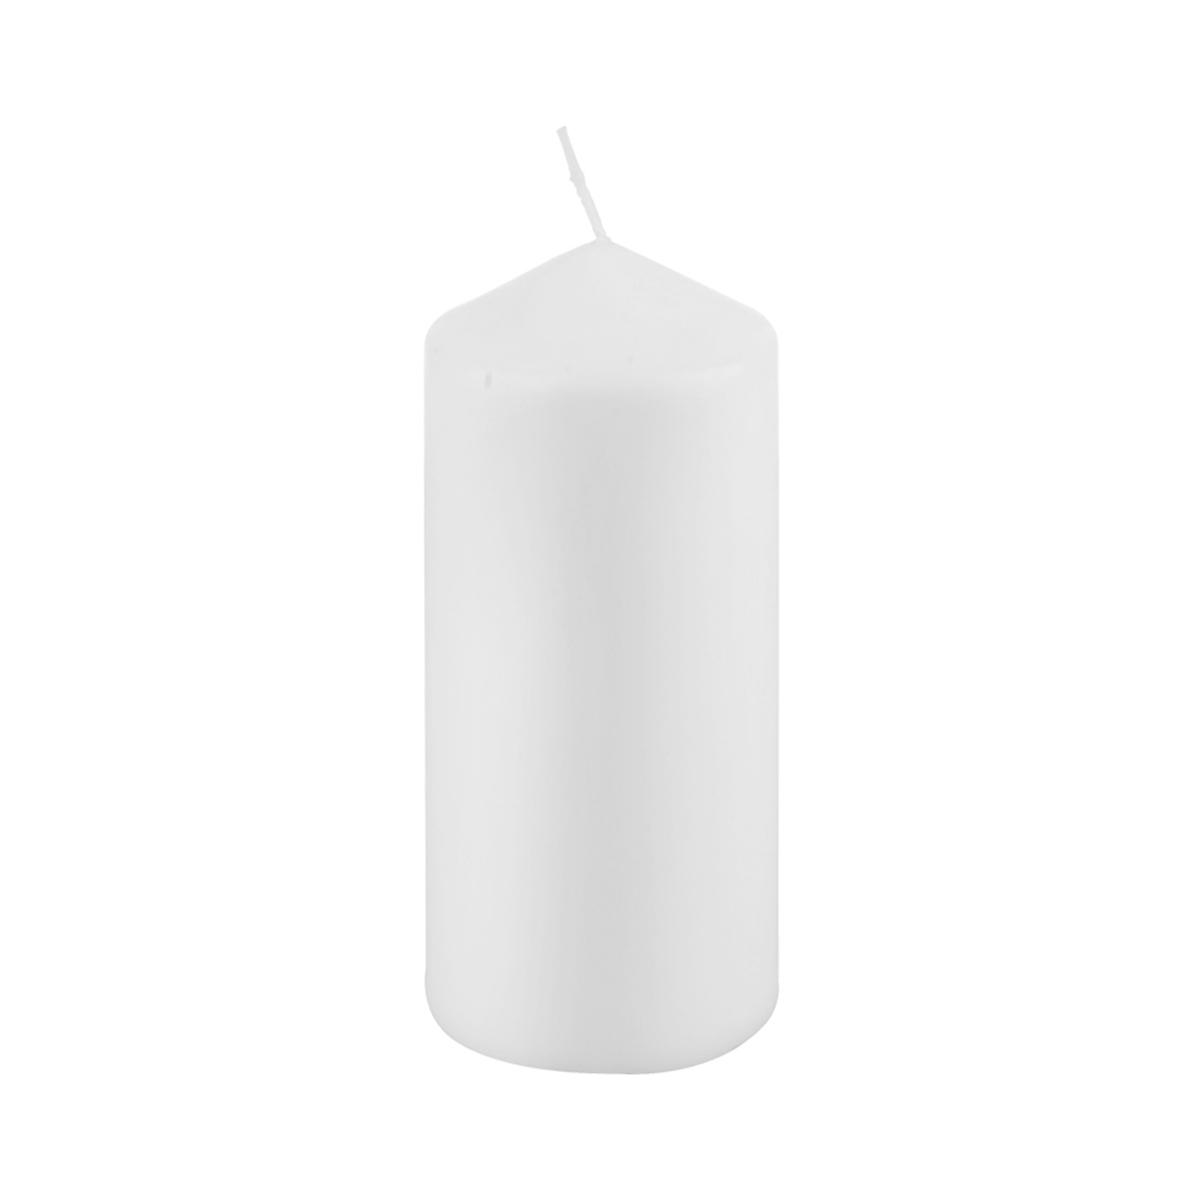 شمعة بدون رائحة  لون ابيض  دائري ارتفاع  12 سم, من ماي مارت